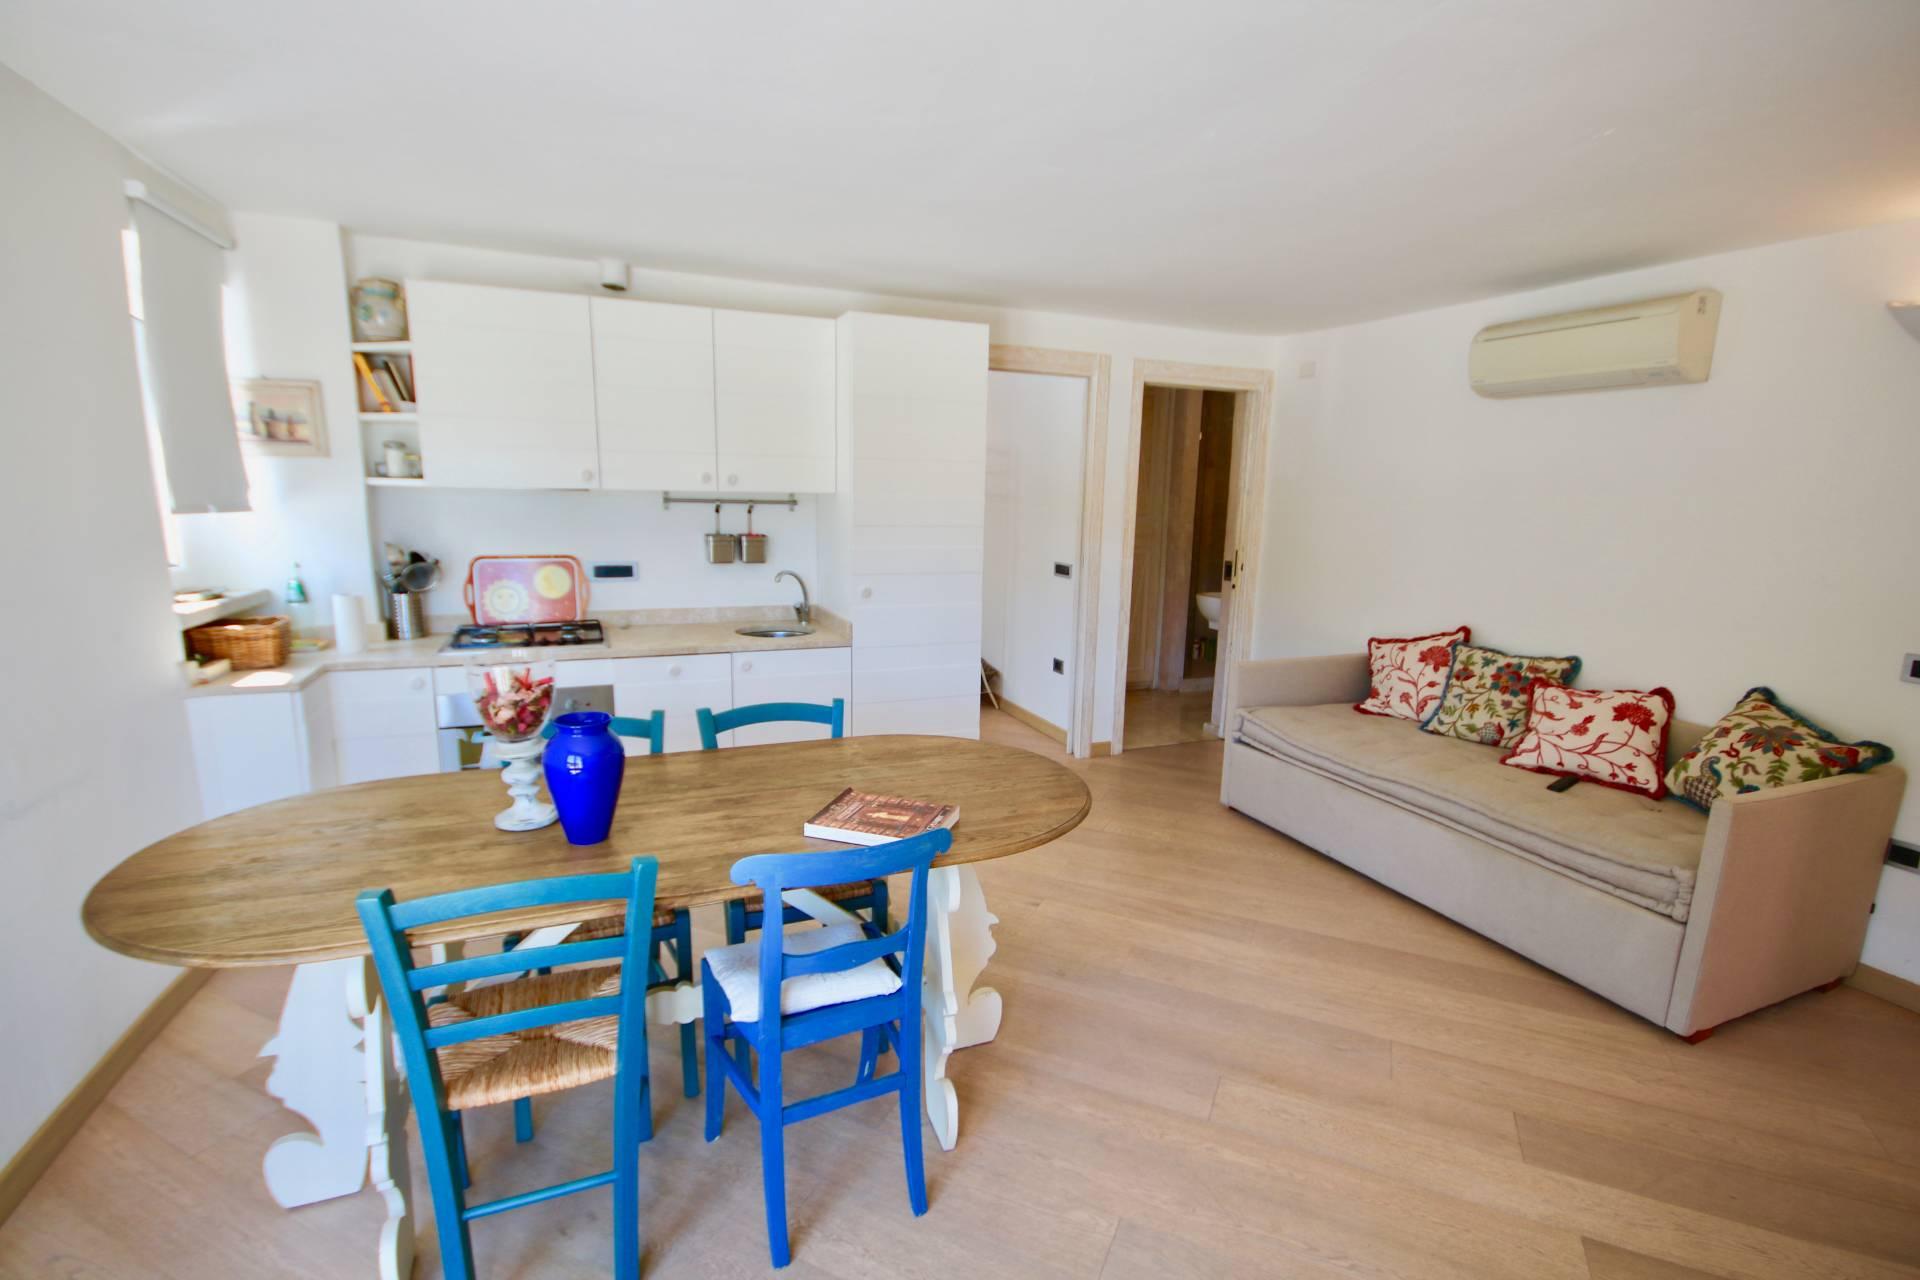 Appartamento in vendita a Arzachena - Porto Cervo, 3 locali, zona Località: PortoCervo, prezzo € 580.000 | PortaleAgenzieImmobiliari.it